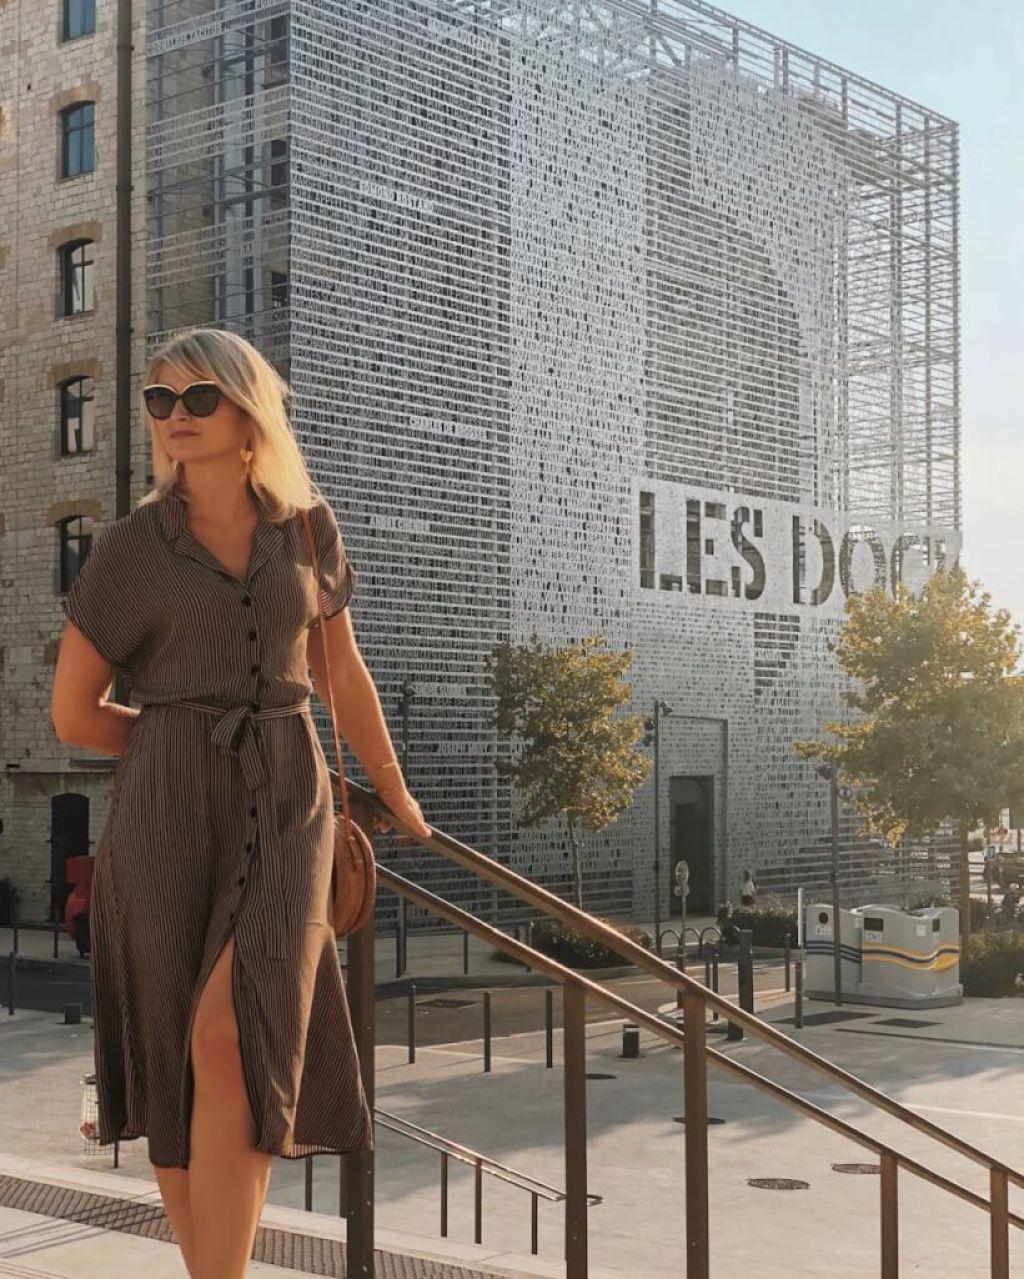 Les Docs de Marseille, Golden hour